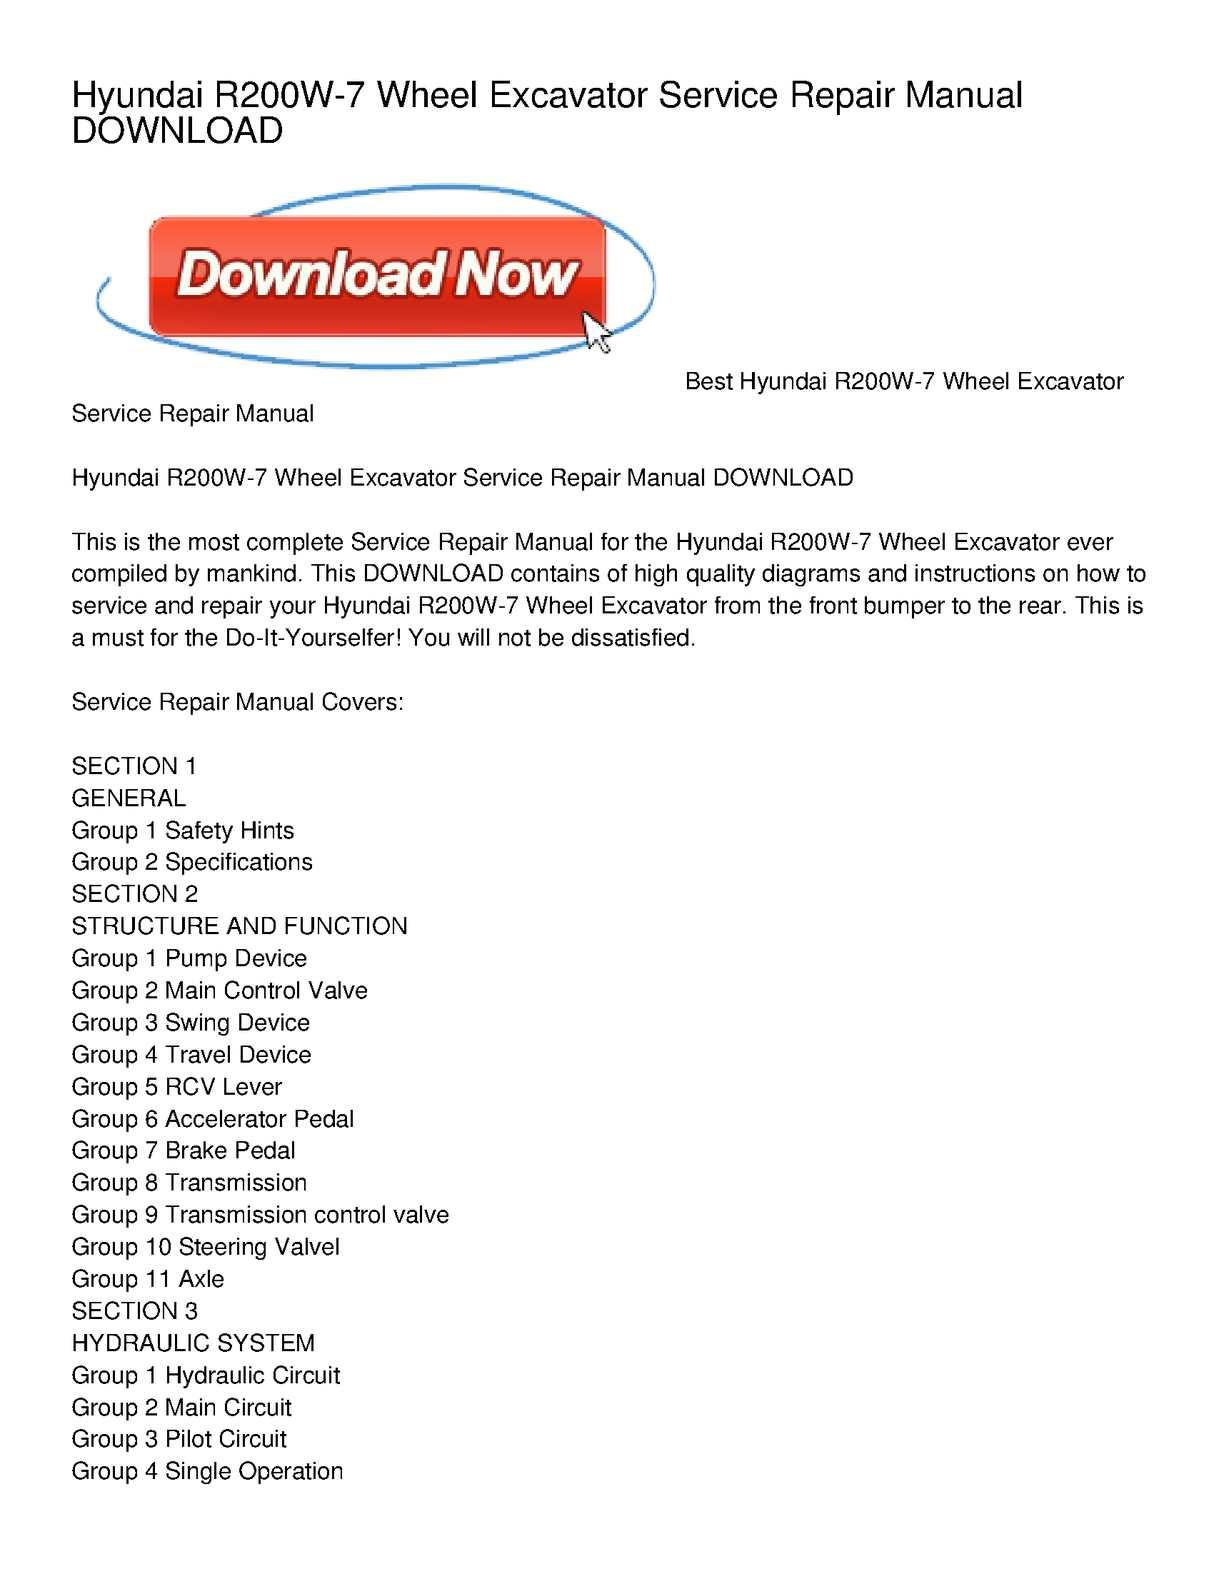 Calameo Hyundai R200w 7 Wheel Excavator Service Repair Manual Download